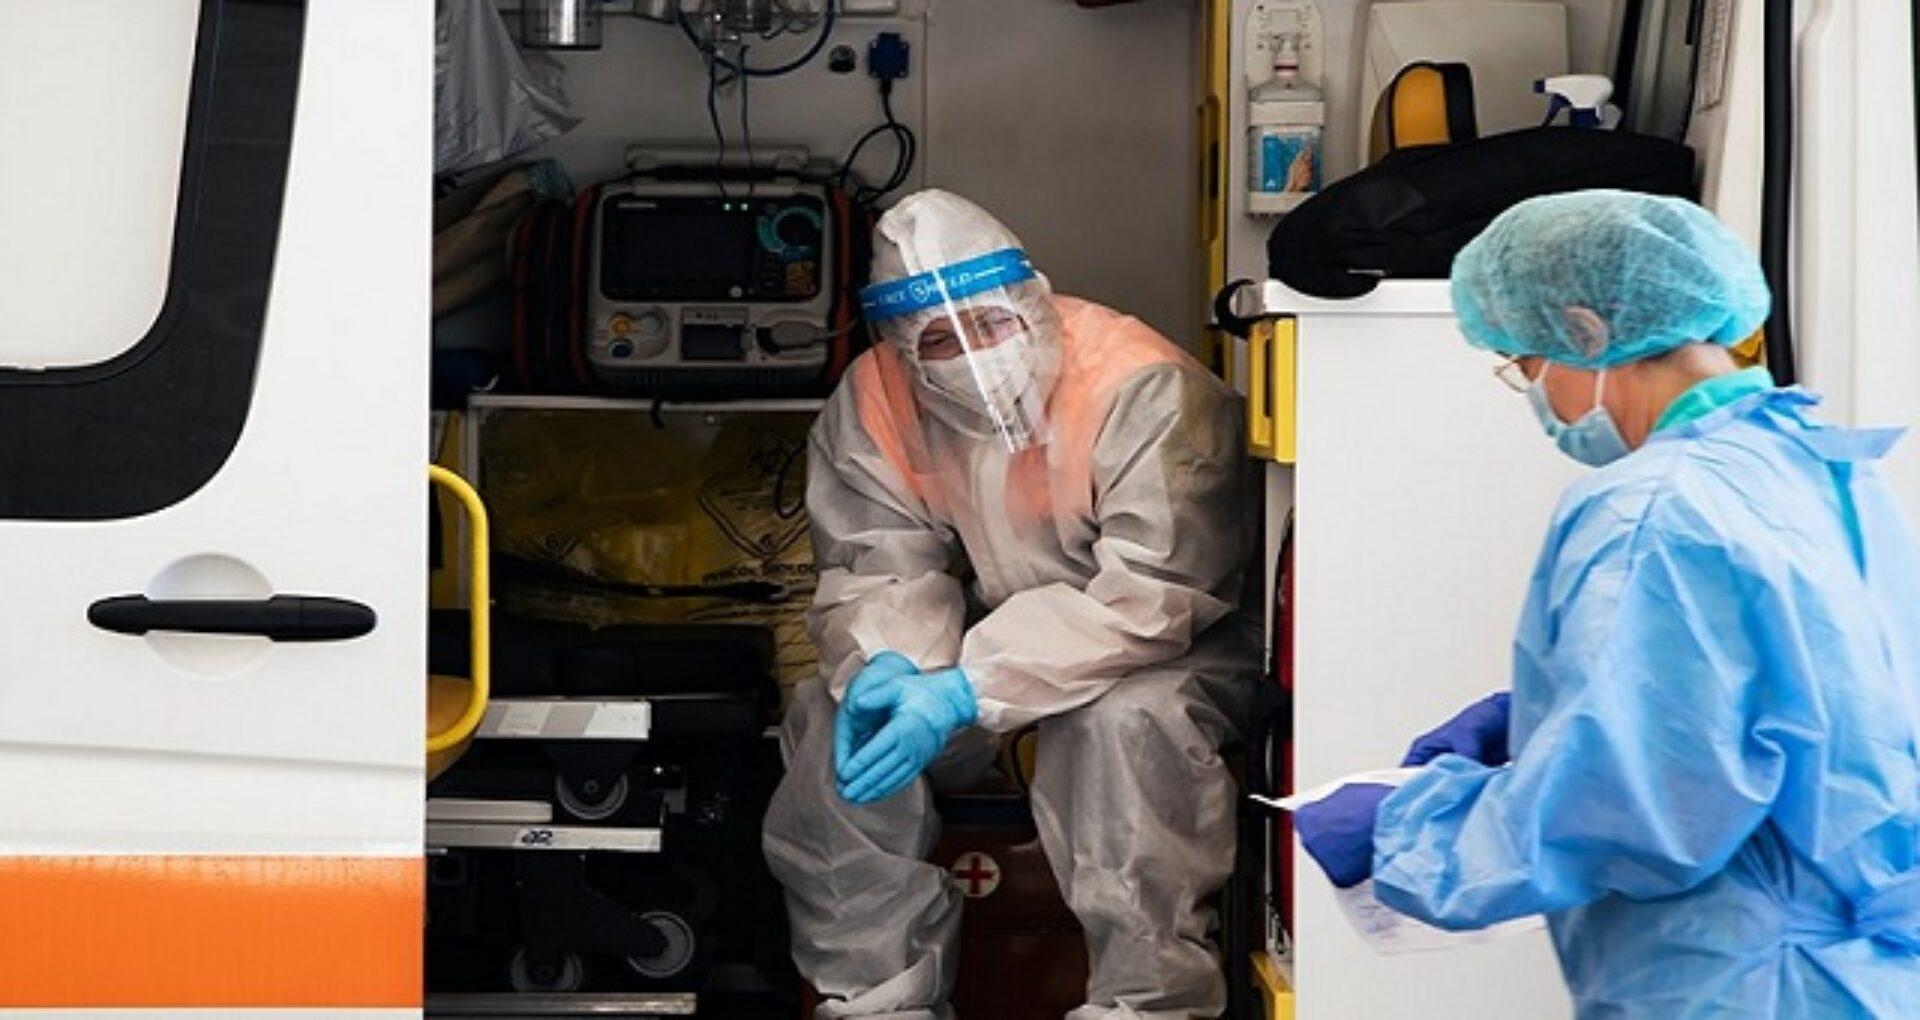 347 cazuri noi de infectare cu COVID-19 după efectuarea a 870 de teste primare. A decedat un medic de familie din Ialoveni